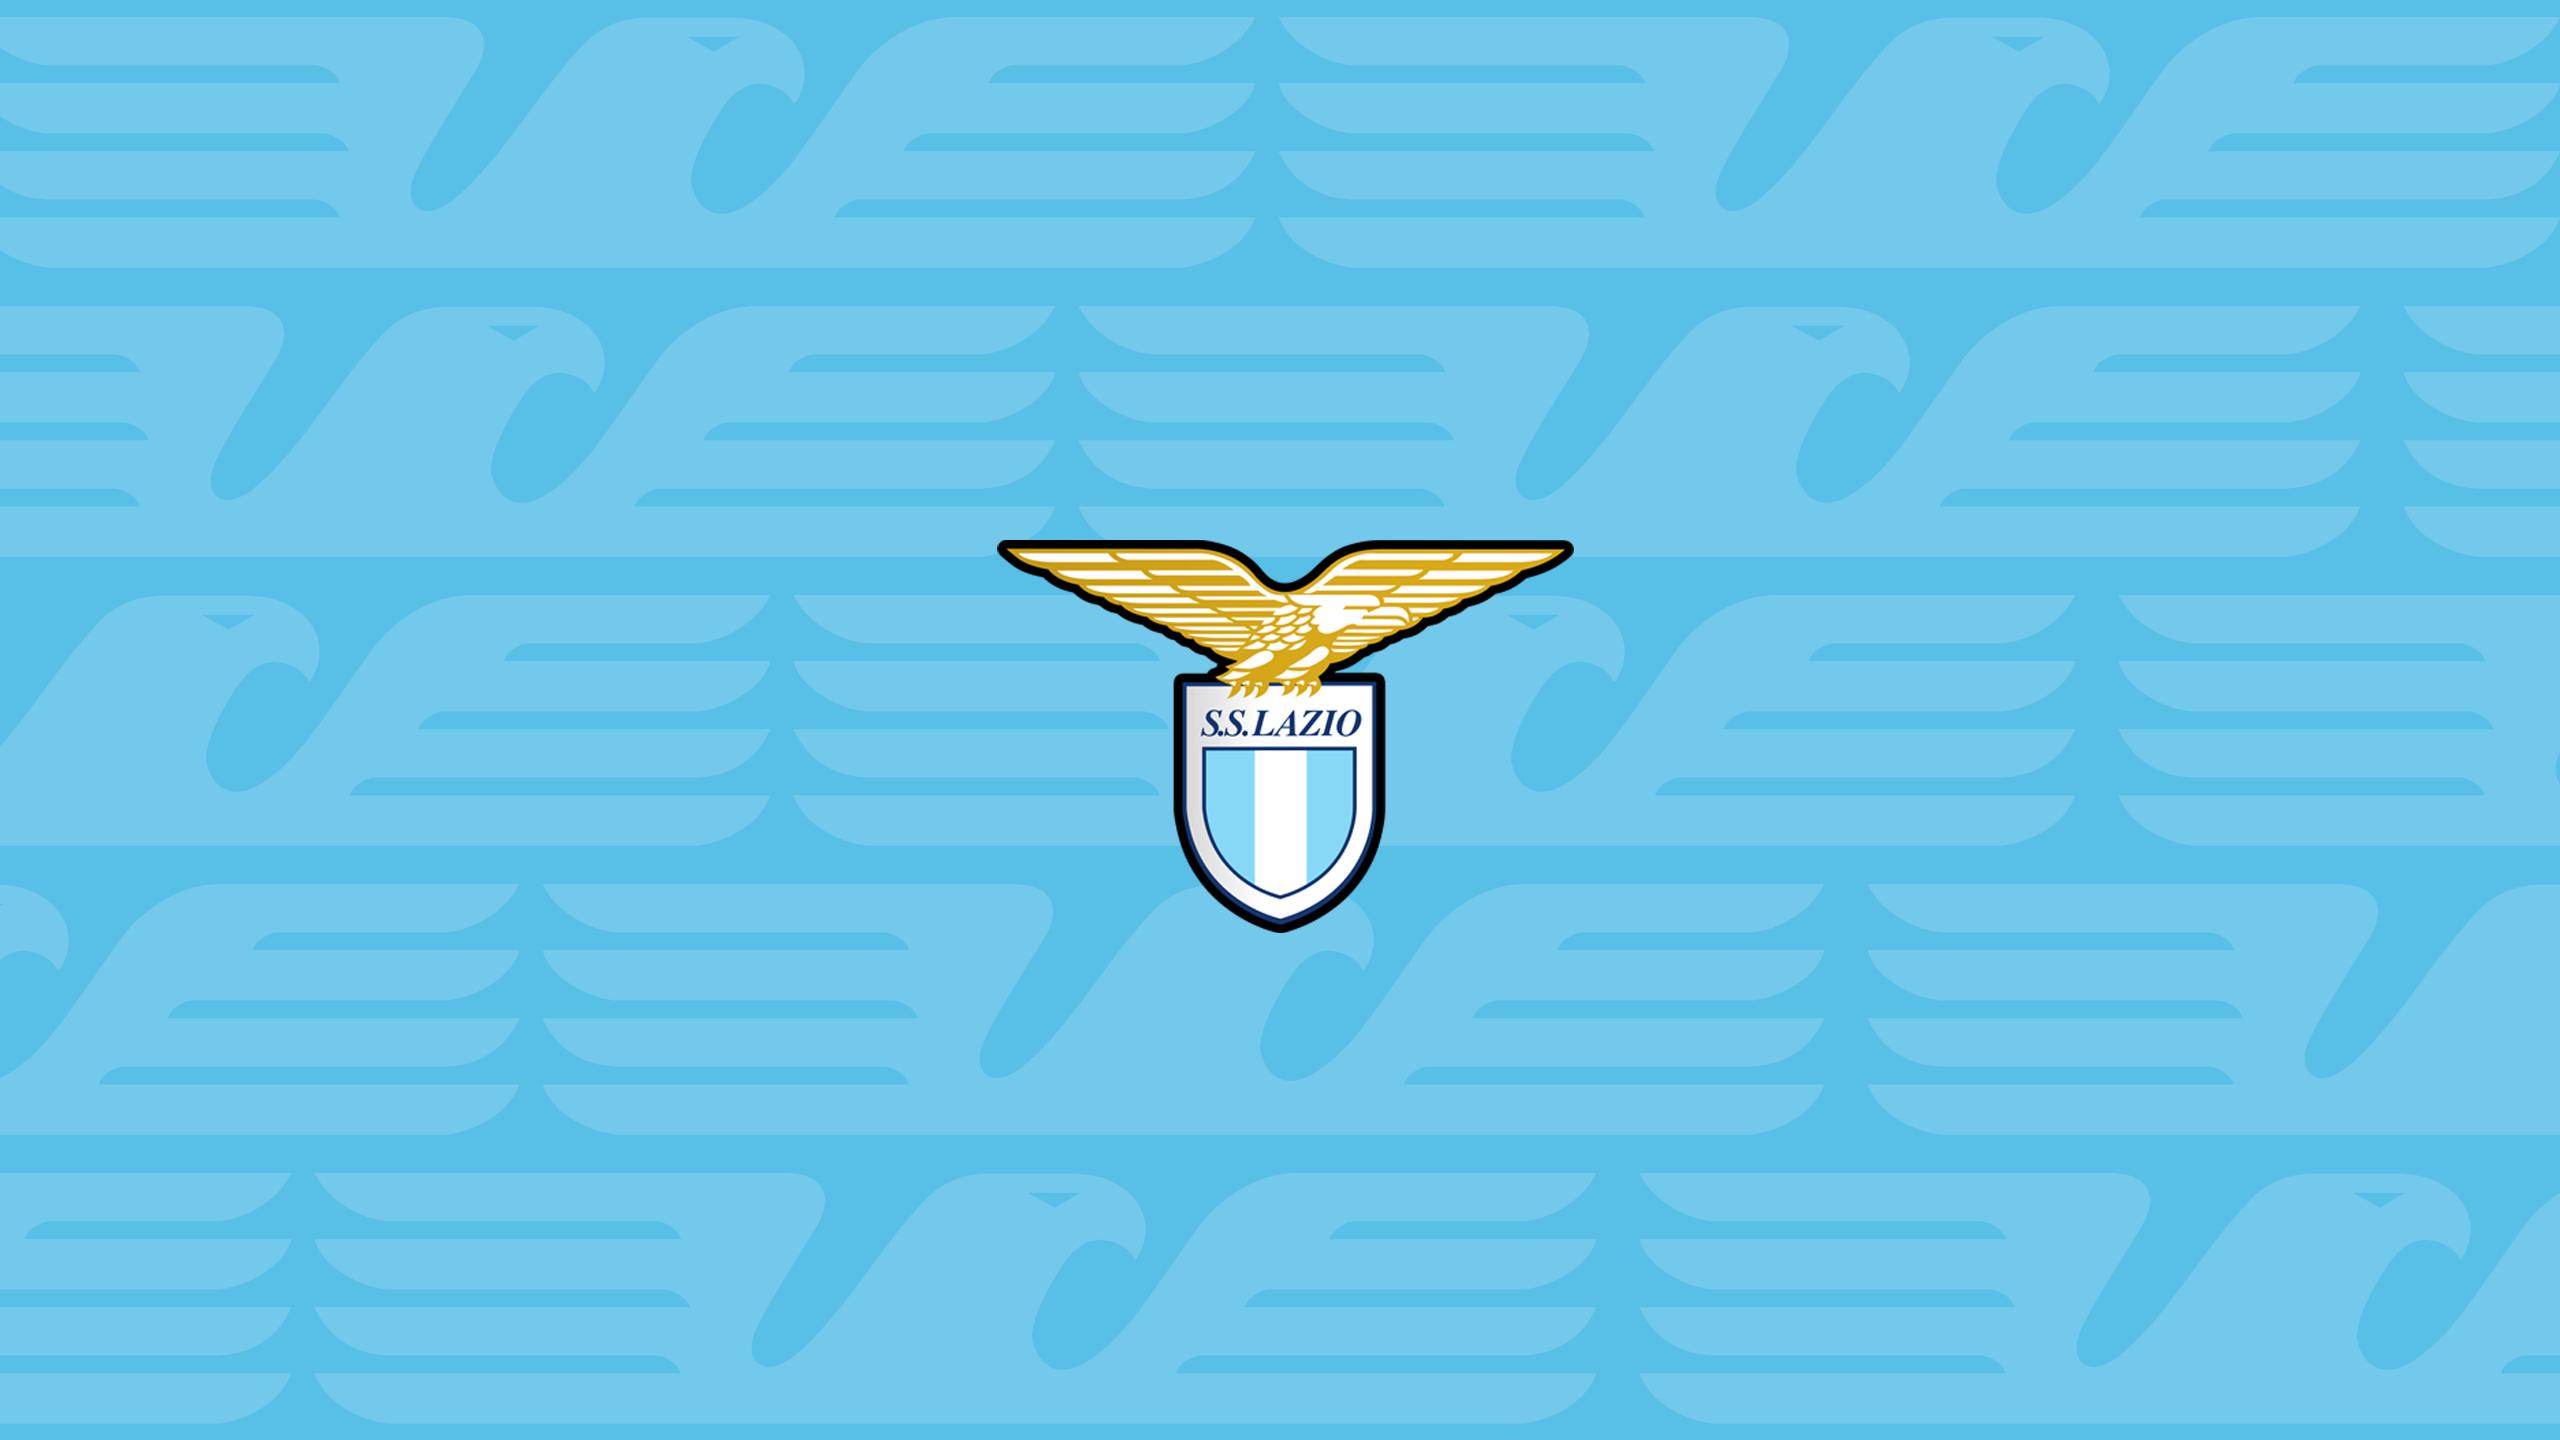 SC Lazio